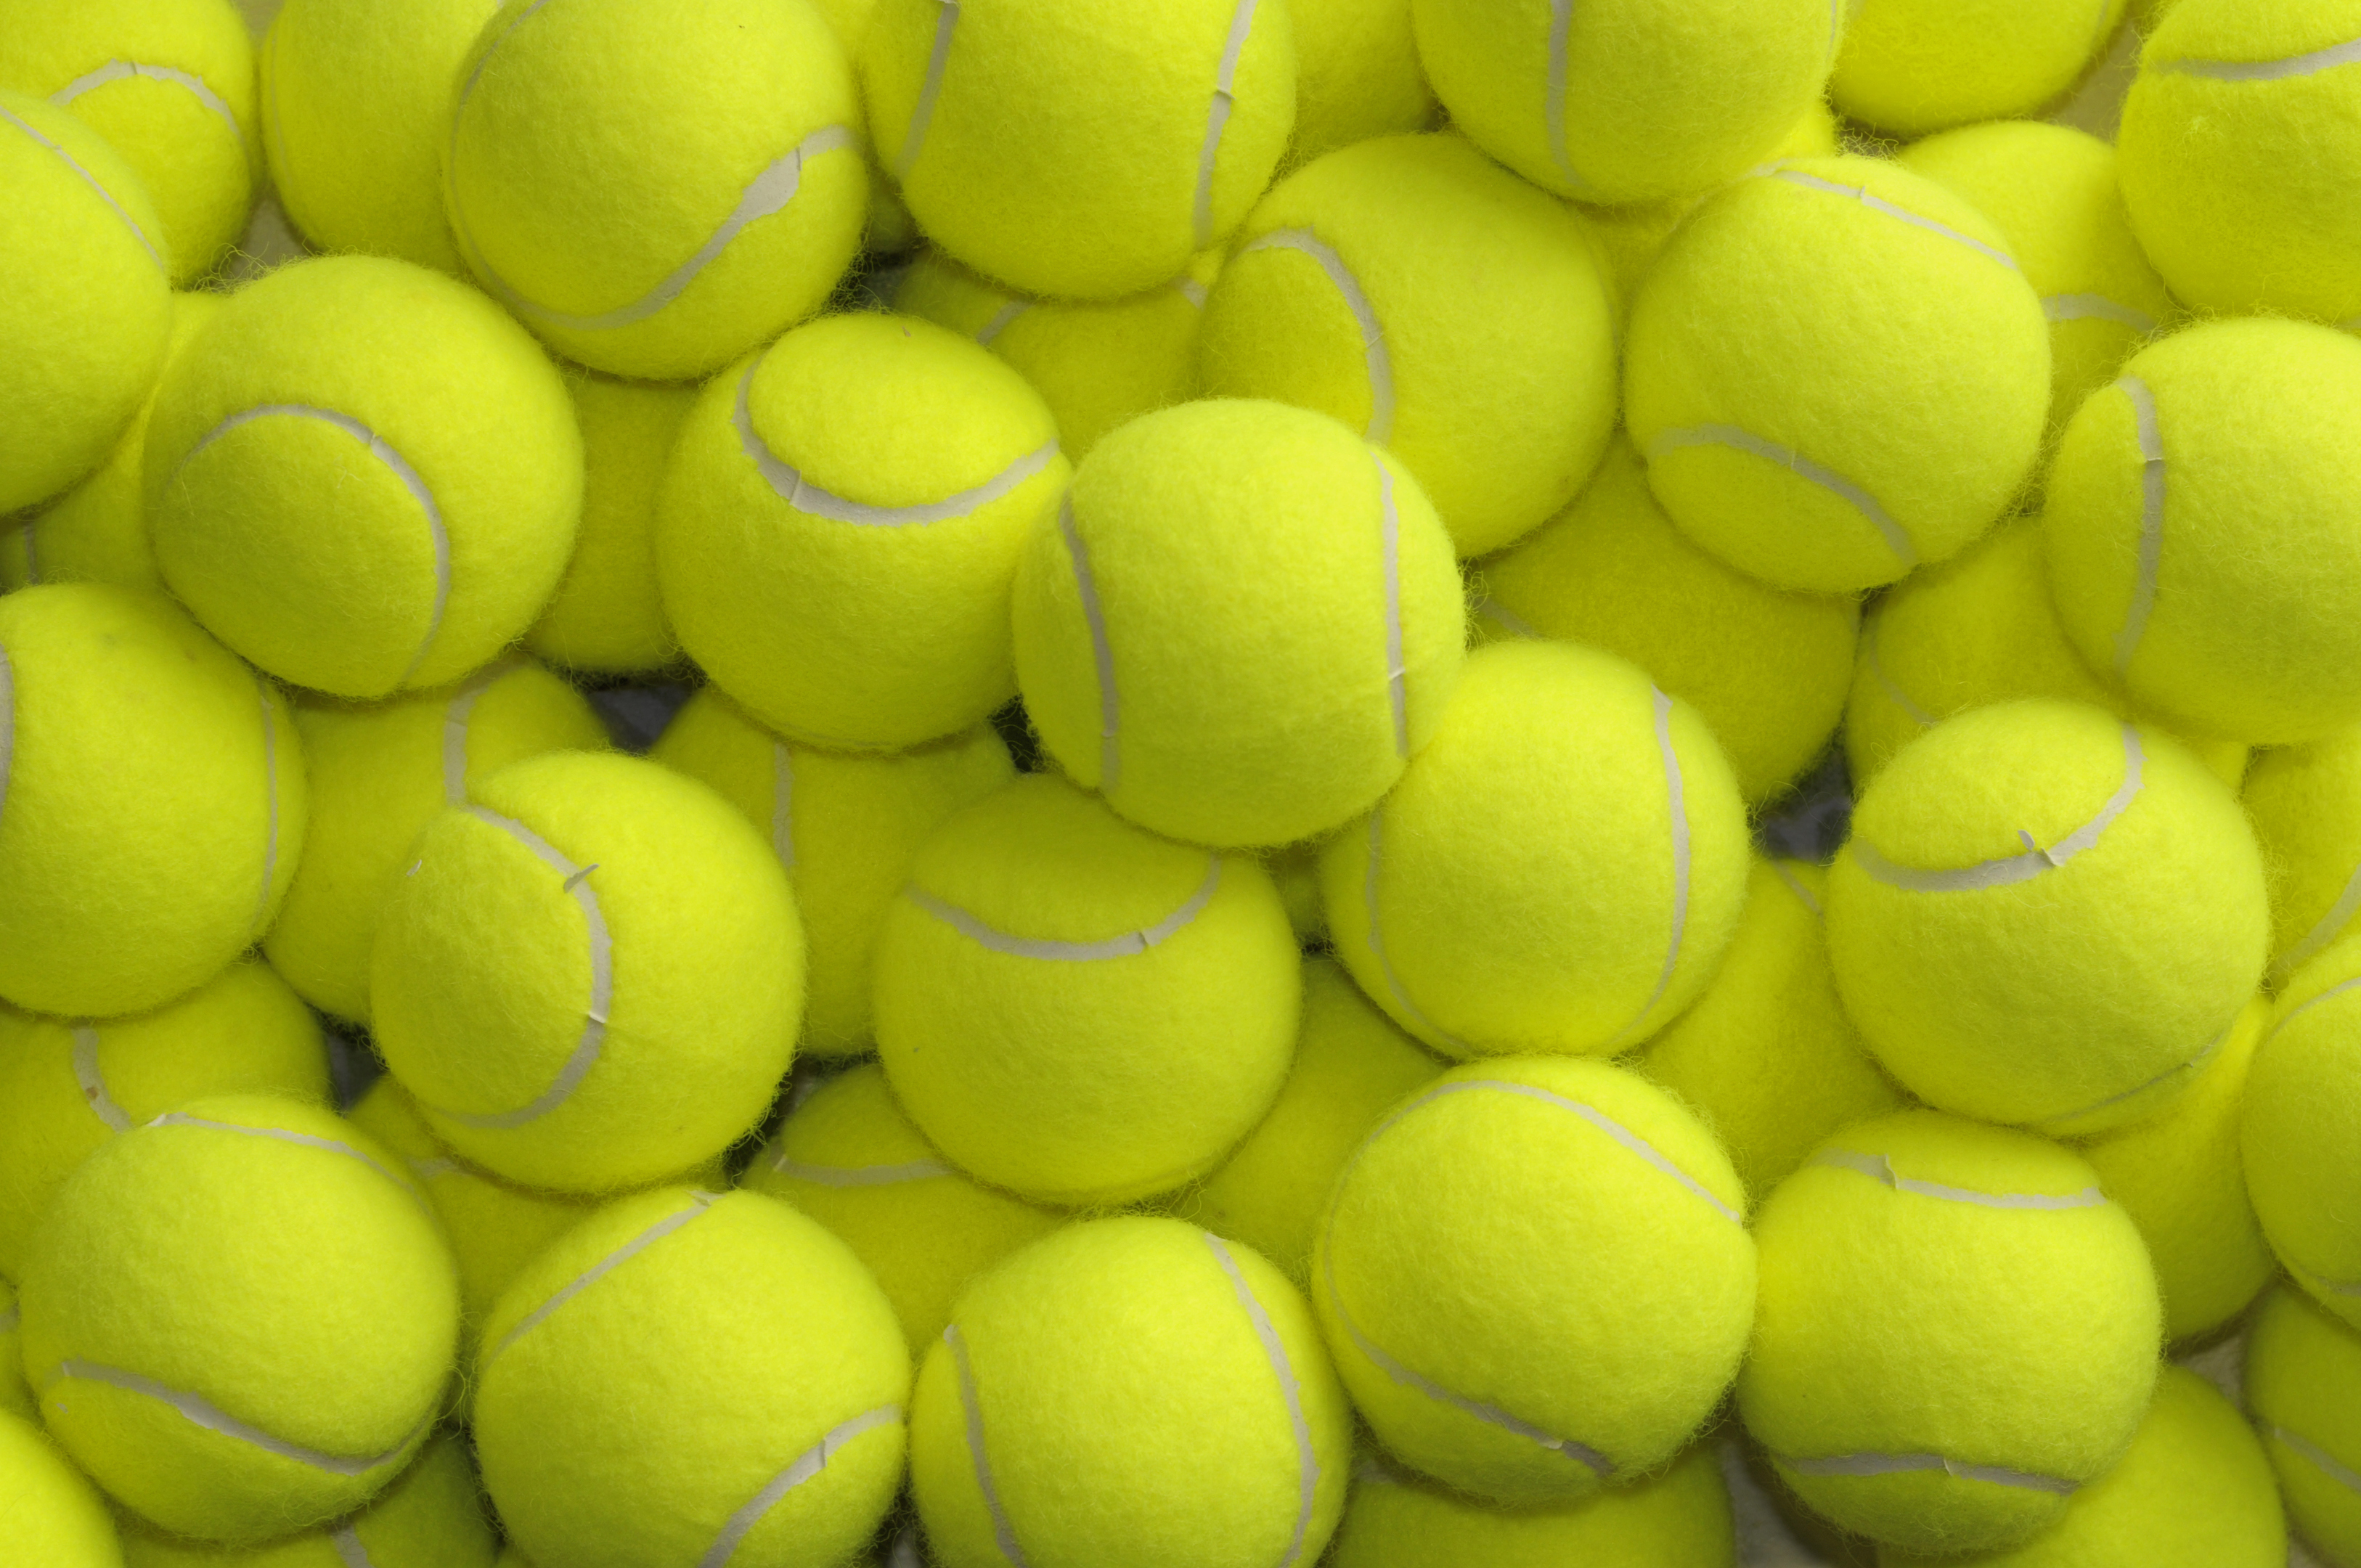 Pile of loose tennis balls